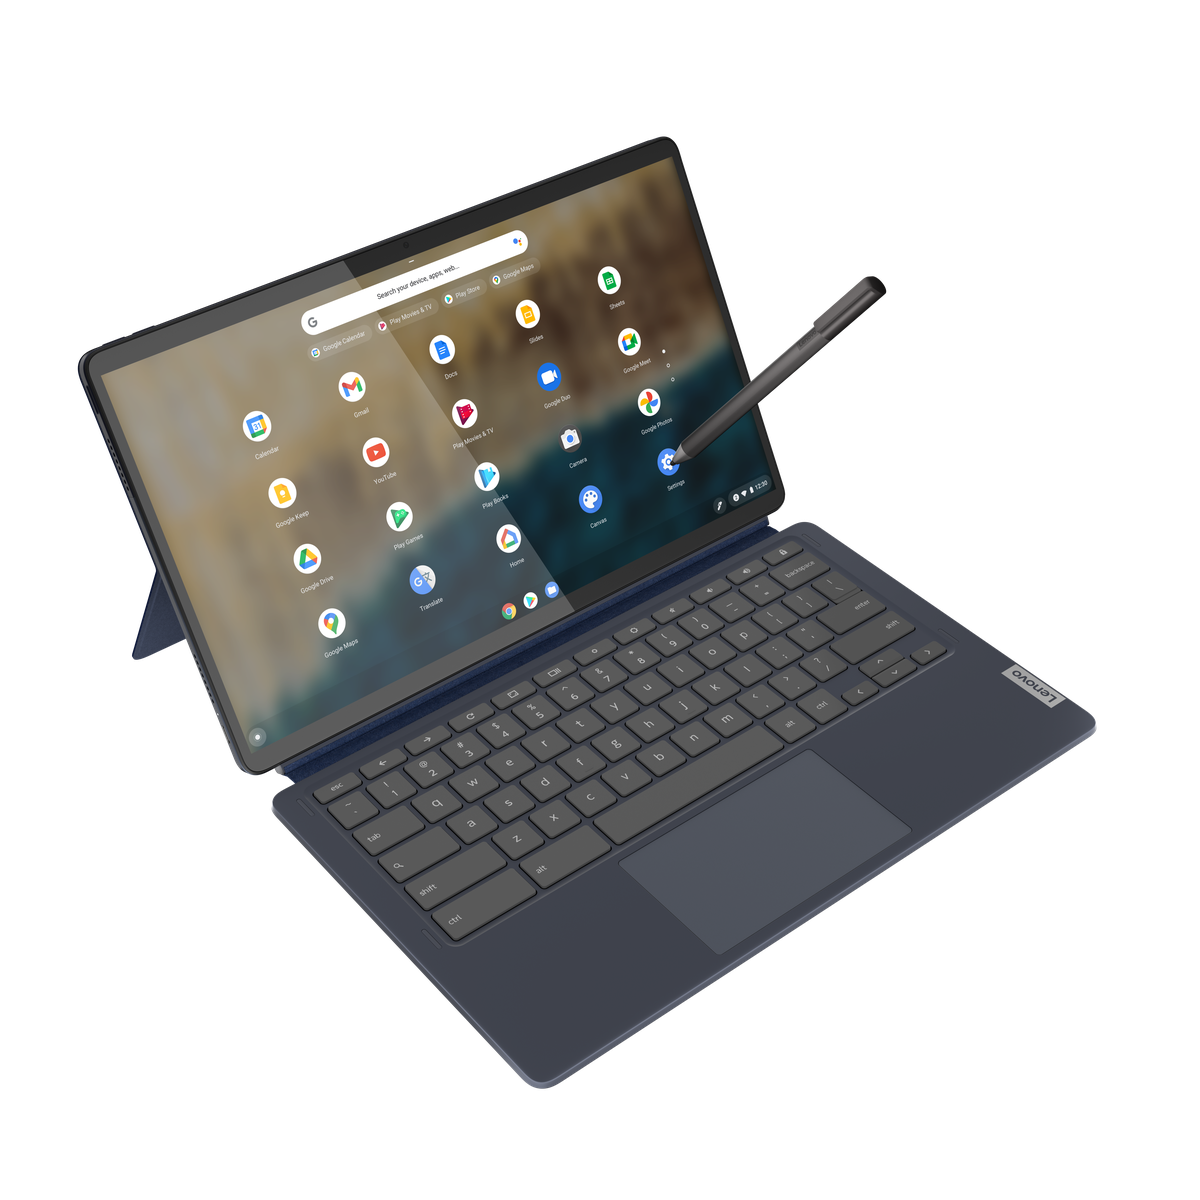 Lenovo Chromebook Duet w trybie laptopa, widziany z góry na białym tle z rysikiem prostopadłym do prawej strony panelu.  Na ekranie zostanie wyświetlony program uruchamiający Chrome OS.